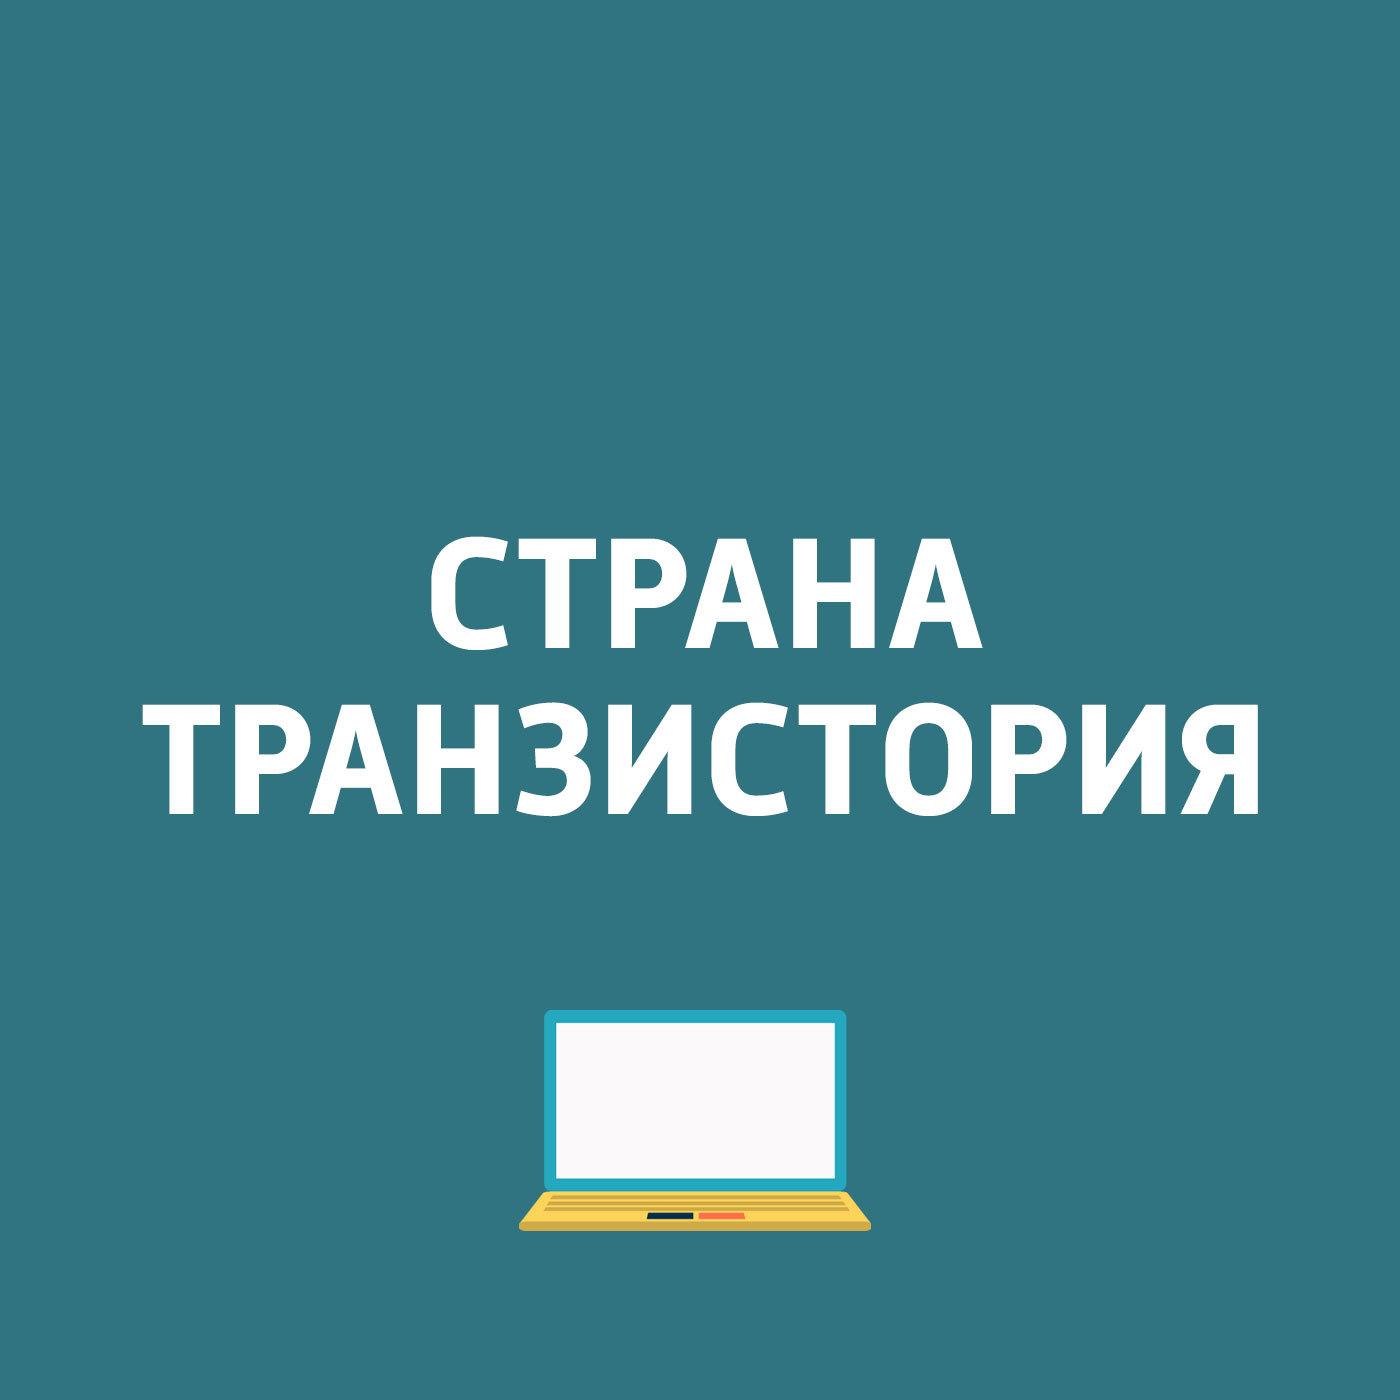 Картаев Павел Начало продаж Nokia 8110 4G; ASUS представила новые игровые ноутбуки; Apple анонсировала iOS 12 blackberry smoke paris